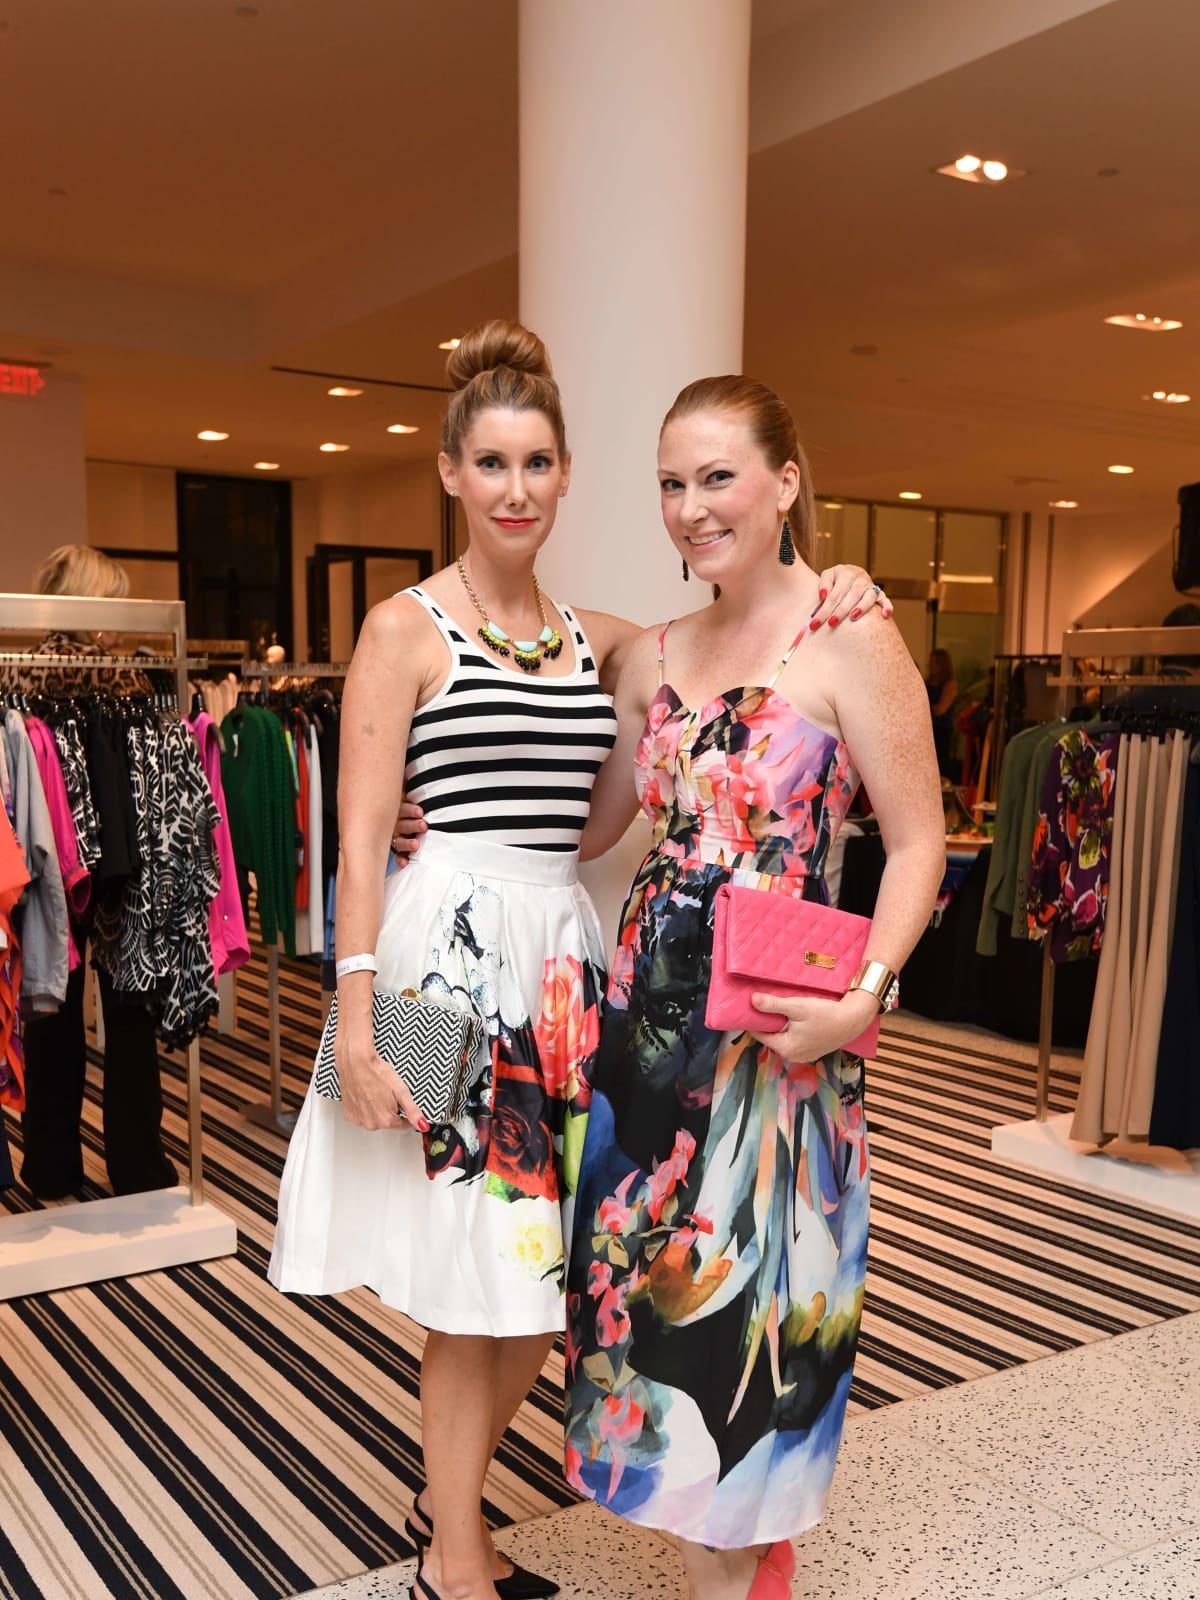 Women of Wardrobe, Aug. 2016, Tiffany Hawthorne, Tracy ladeveze